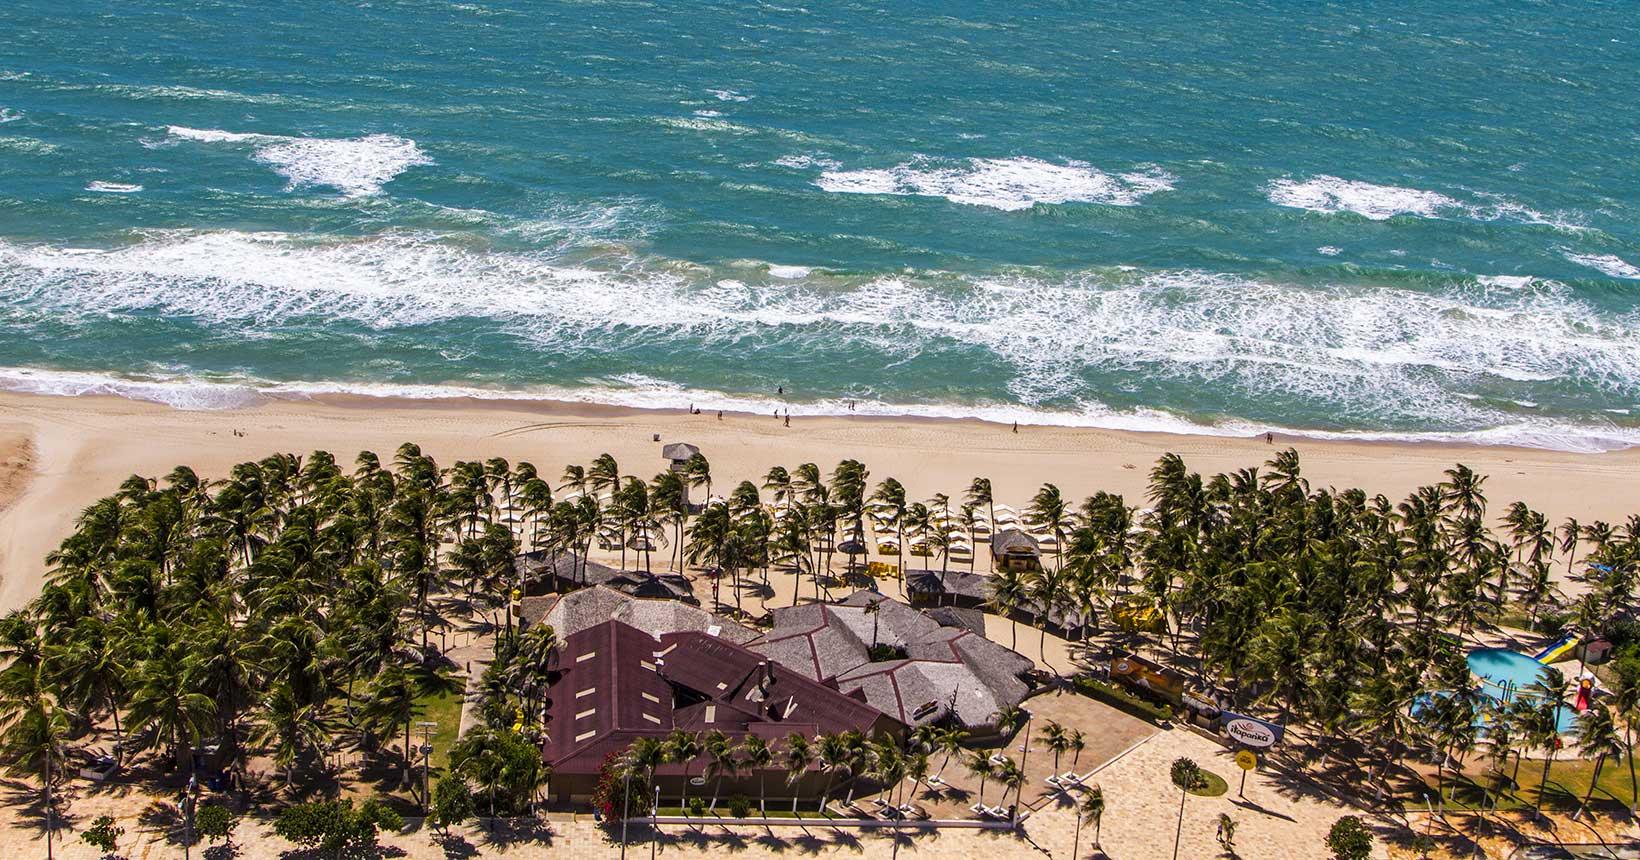 Praias De Fortaleza E Arredores Quais As Melhores Para A Sua Viagem